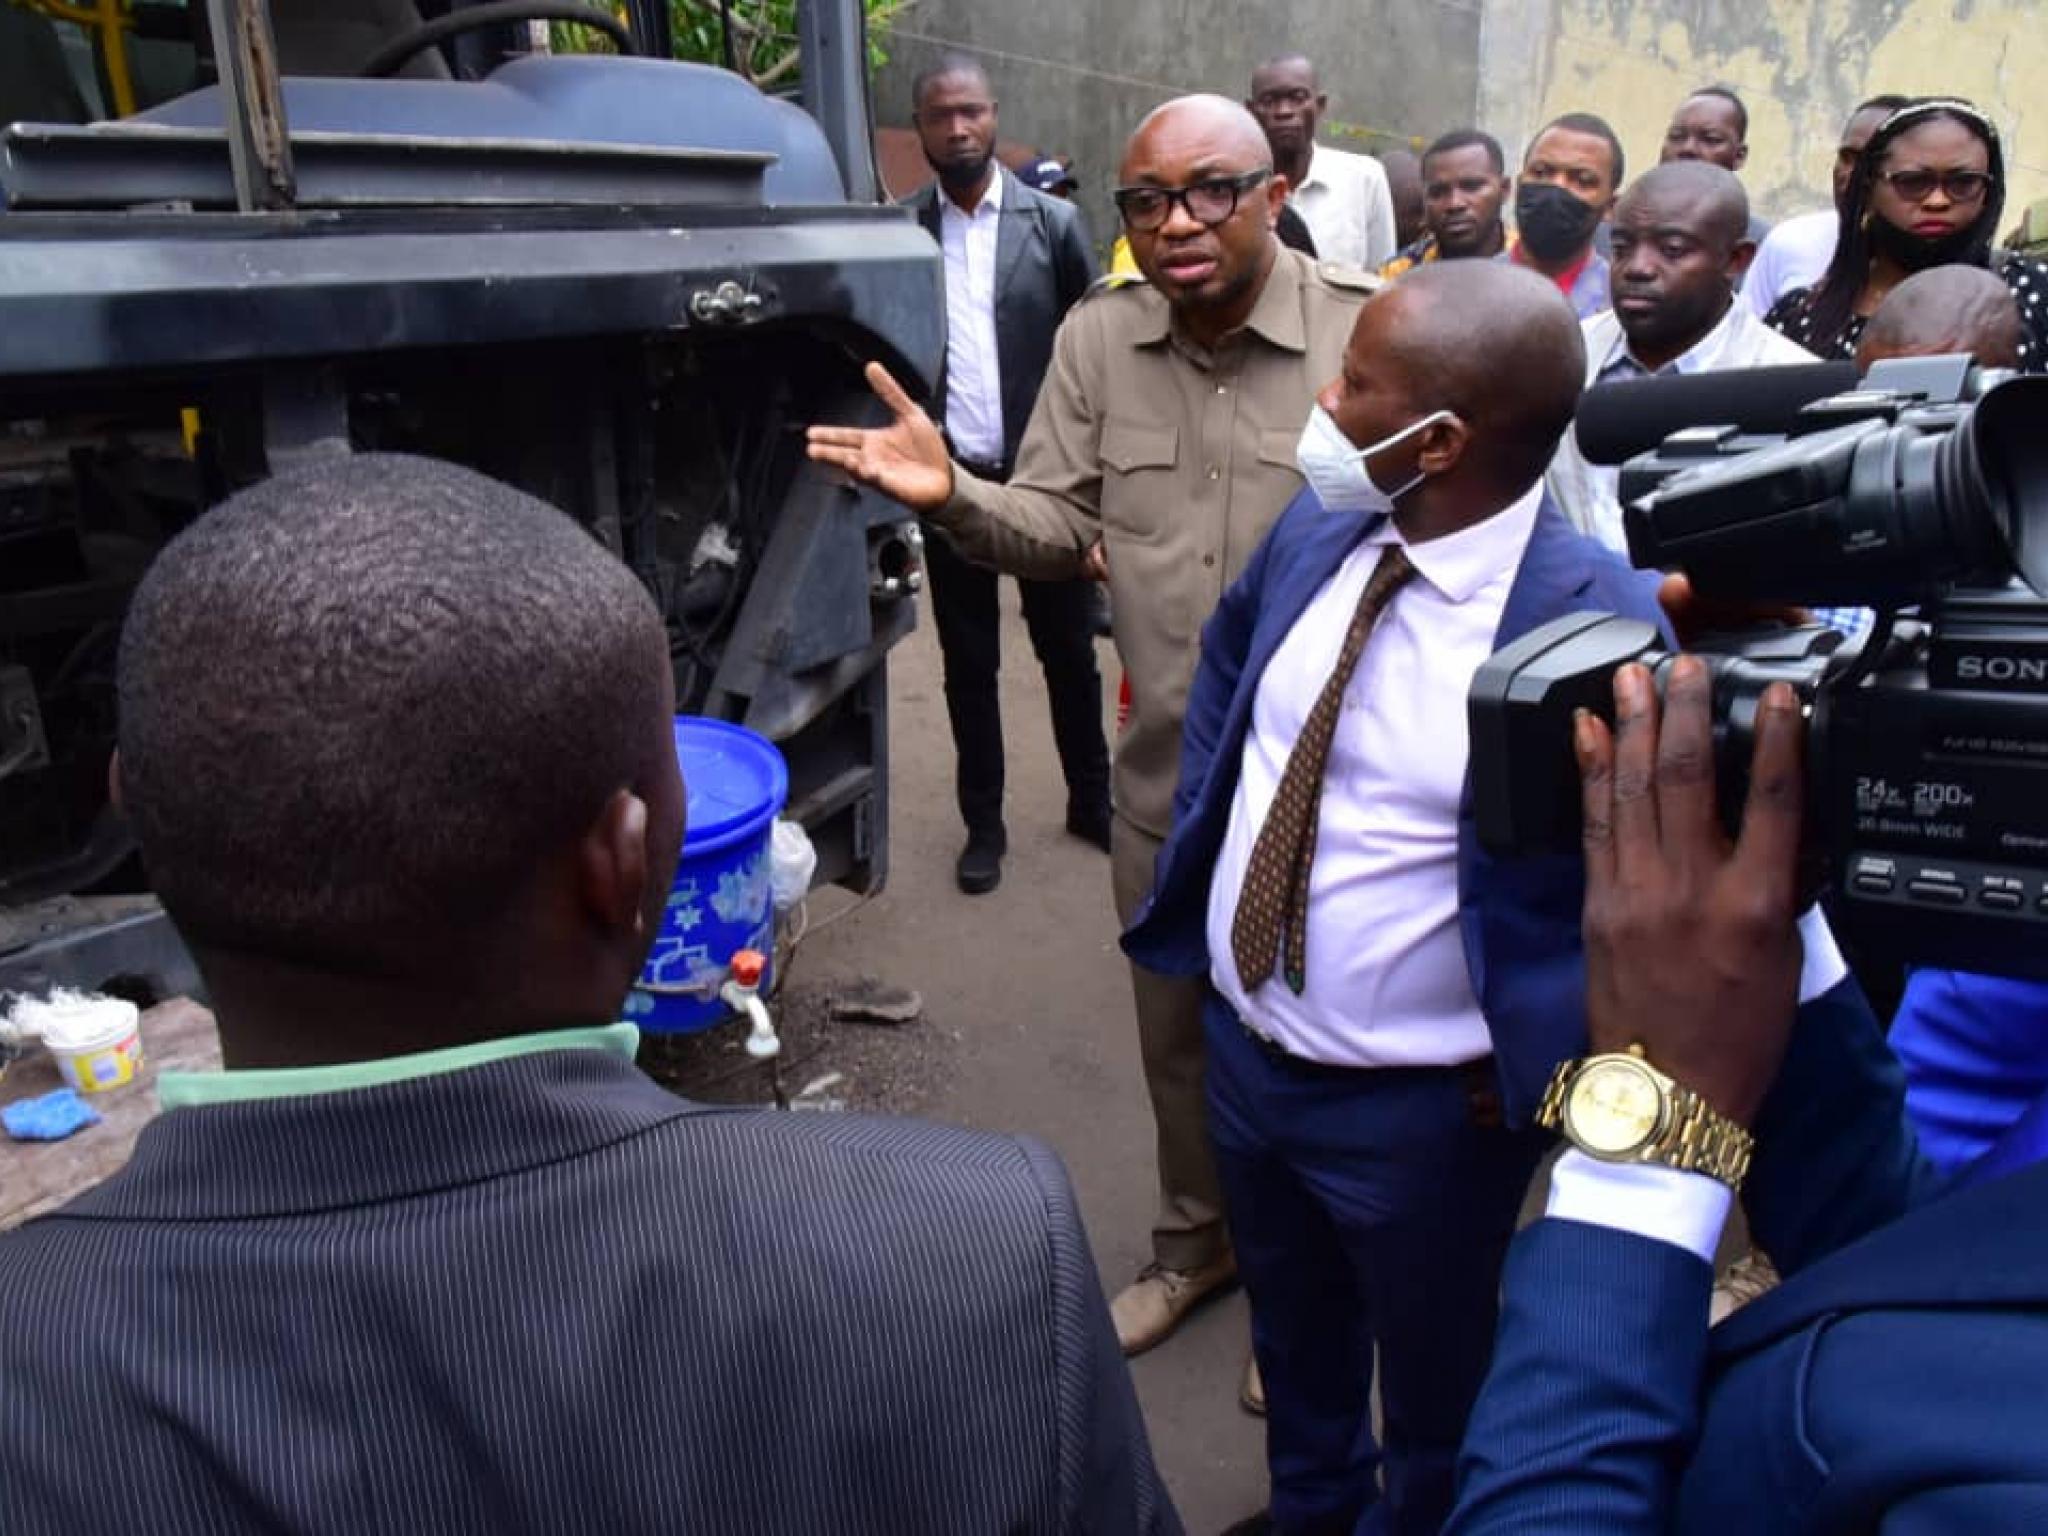 Transco : découverte de 161 bus abandonnés dans deux parcelles dans la commune de la N'sele à Kinshasa (Congoforum)